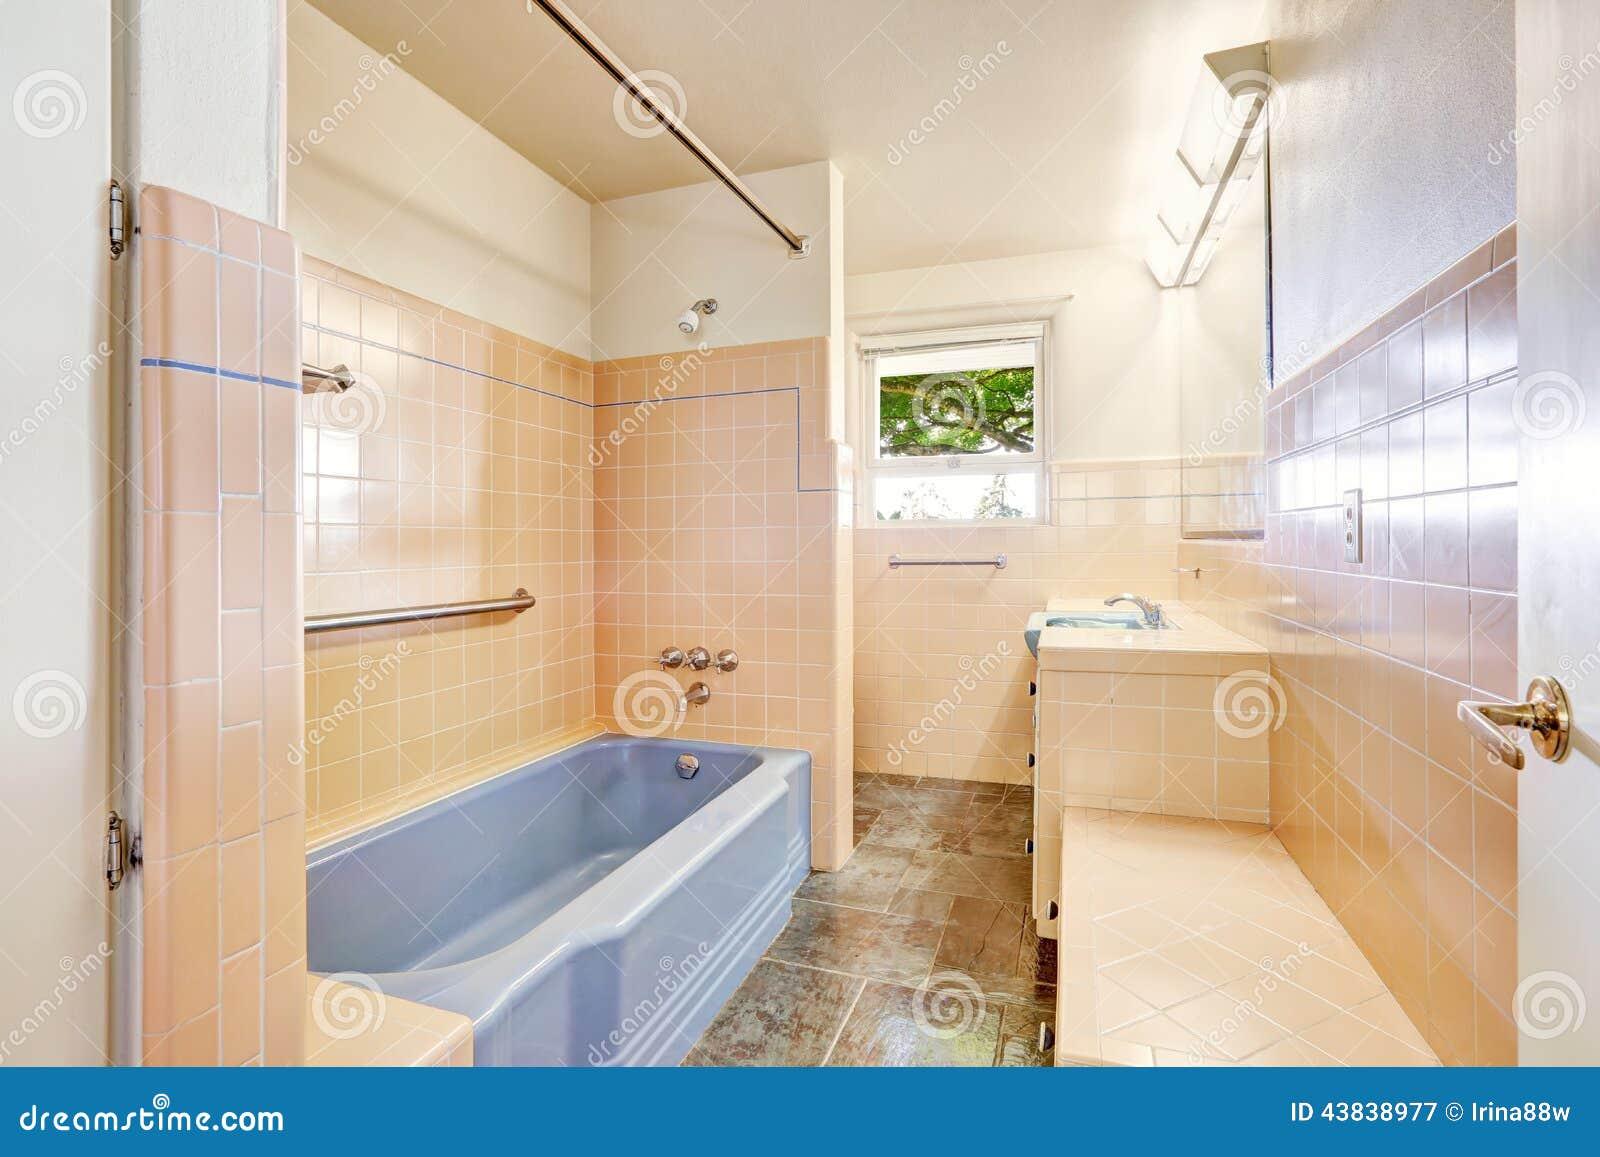 Banheiro Do Marfim Com Banheira Azul Foto de Stock Imagem: 43838977 #81A229 1300 957